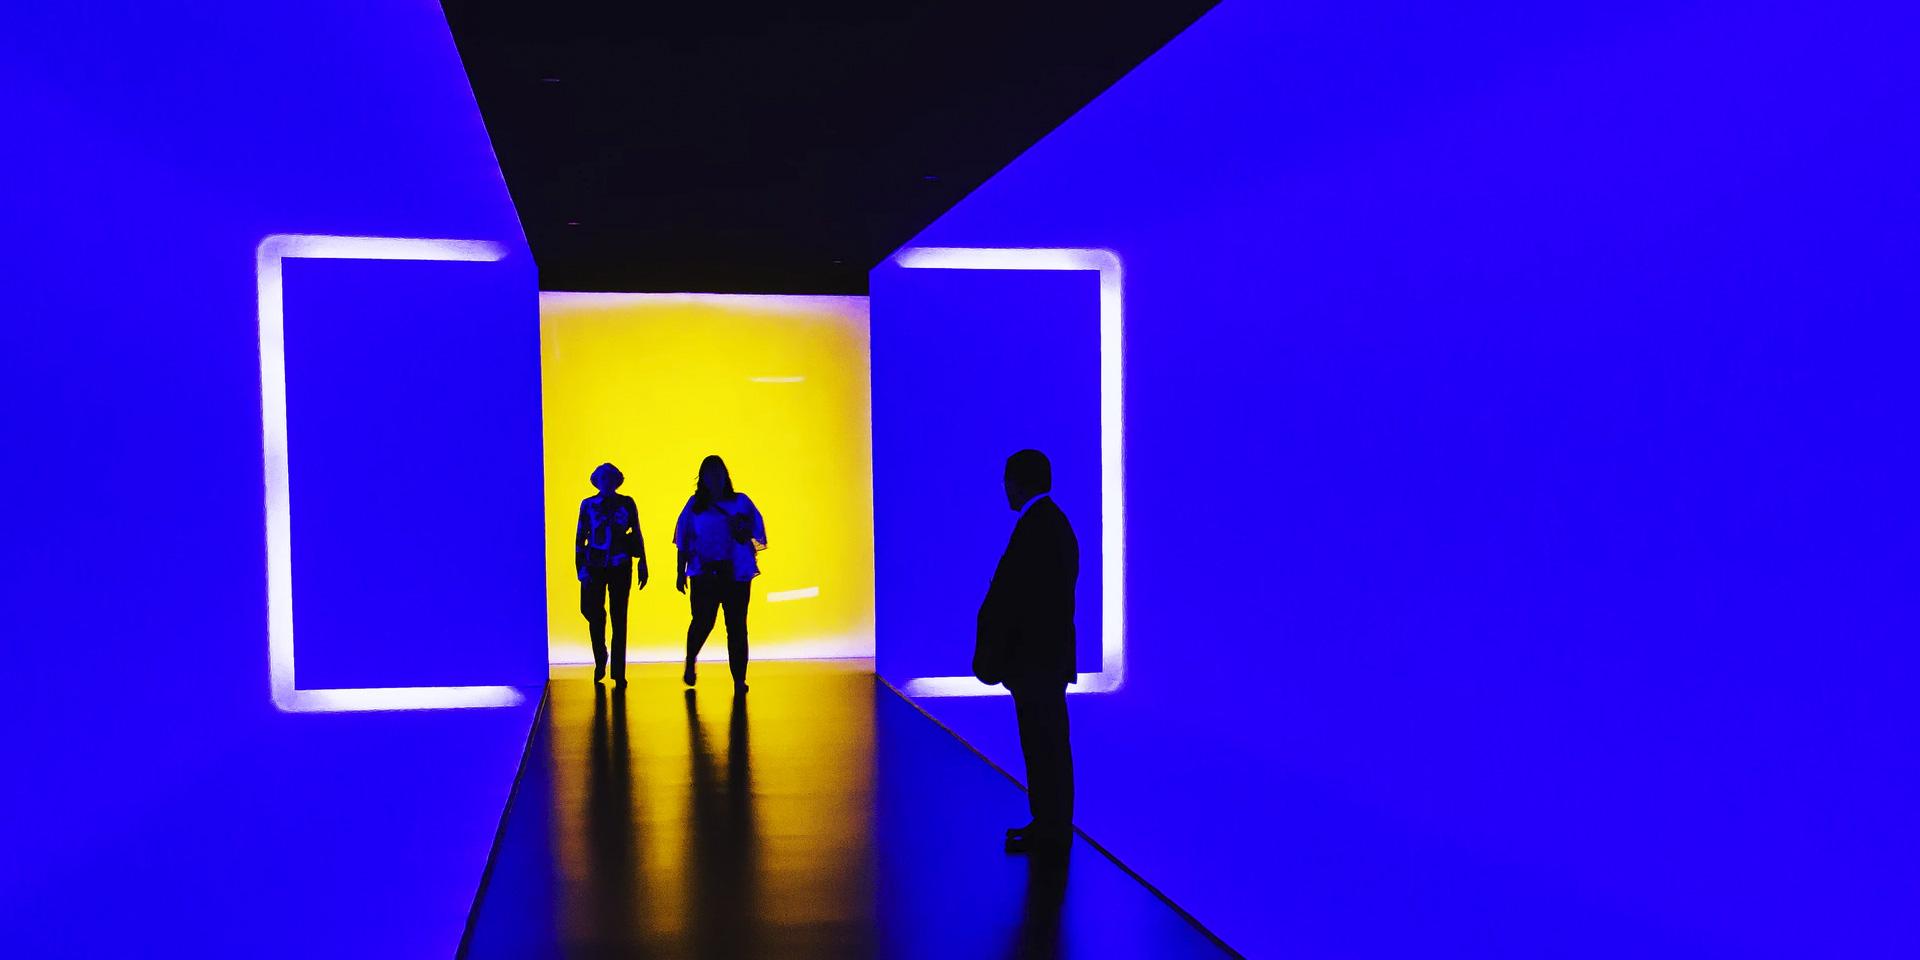 Exposições / Exhibitions / Exposiciones